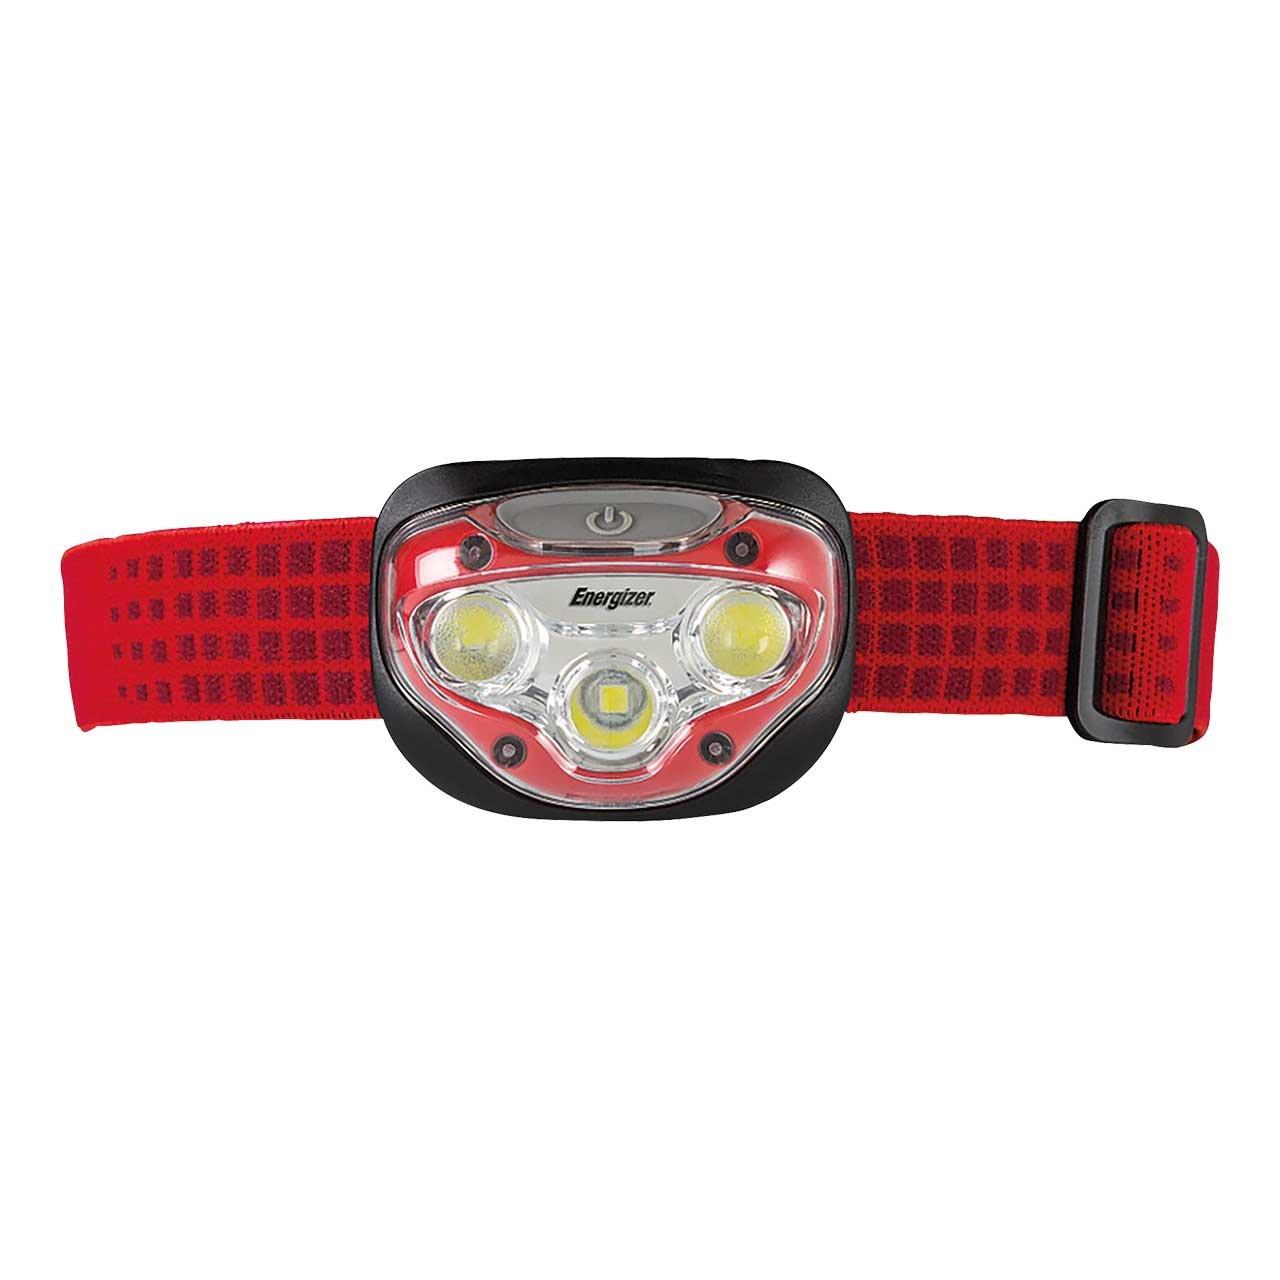 Headlight, Kopflampe mit 3 LEDs,